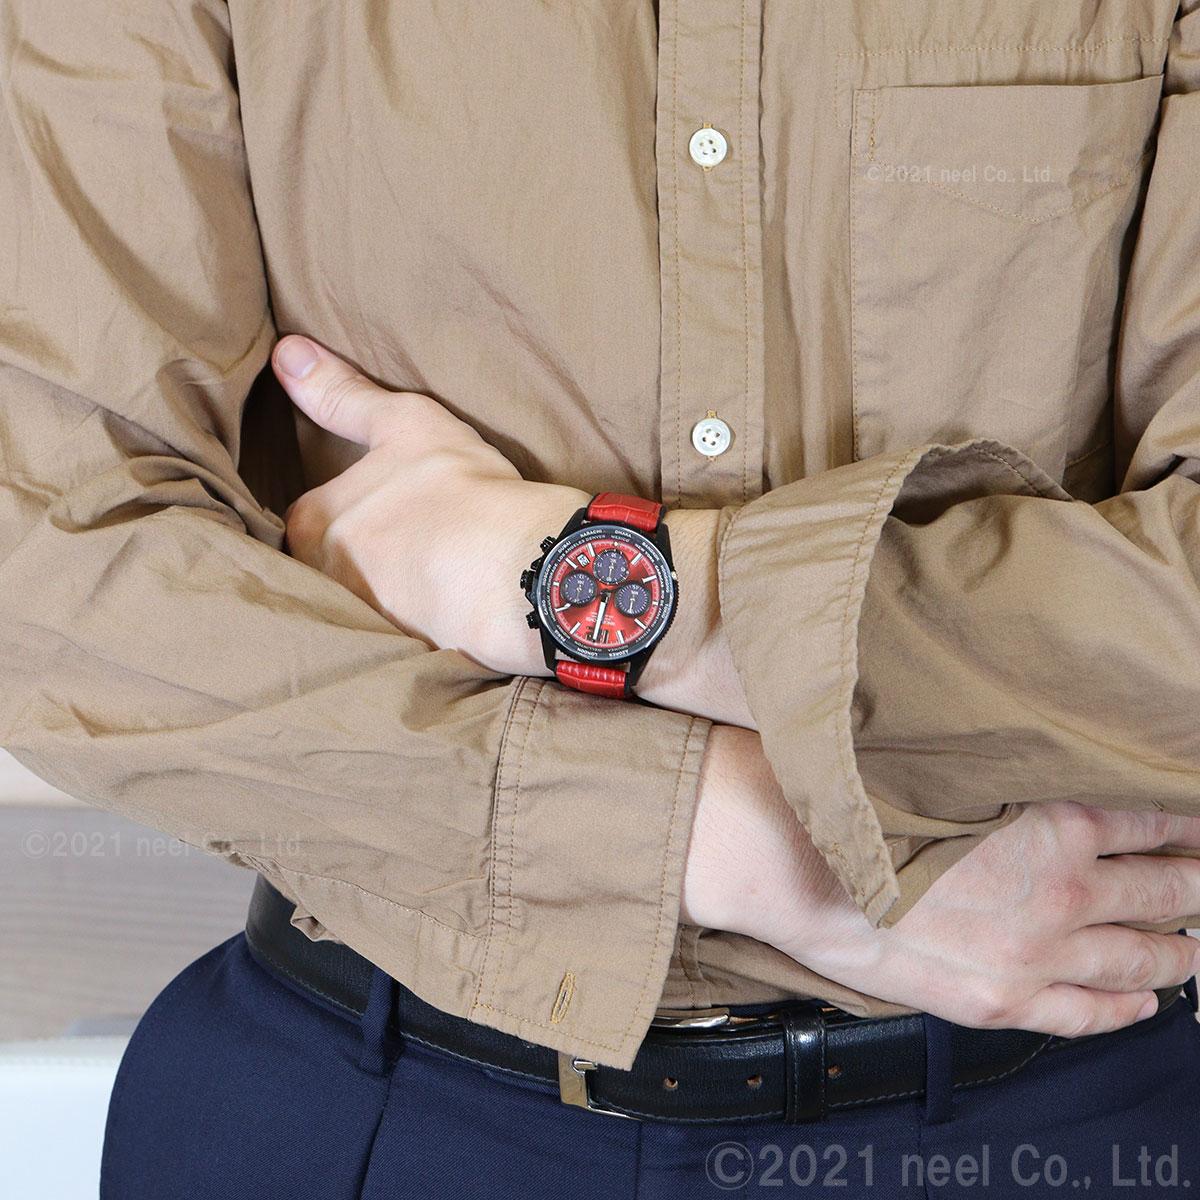 エンジェルクローバー ANGEL CLOVER ソーラー 腕時計 メンズ モンドソーラー MONDO SOLAR クロノグラフ MOS42BRE-RE